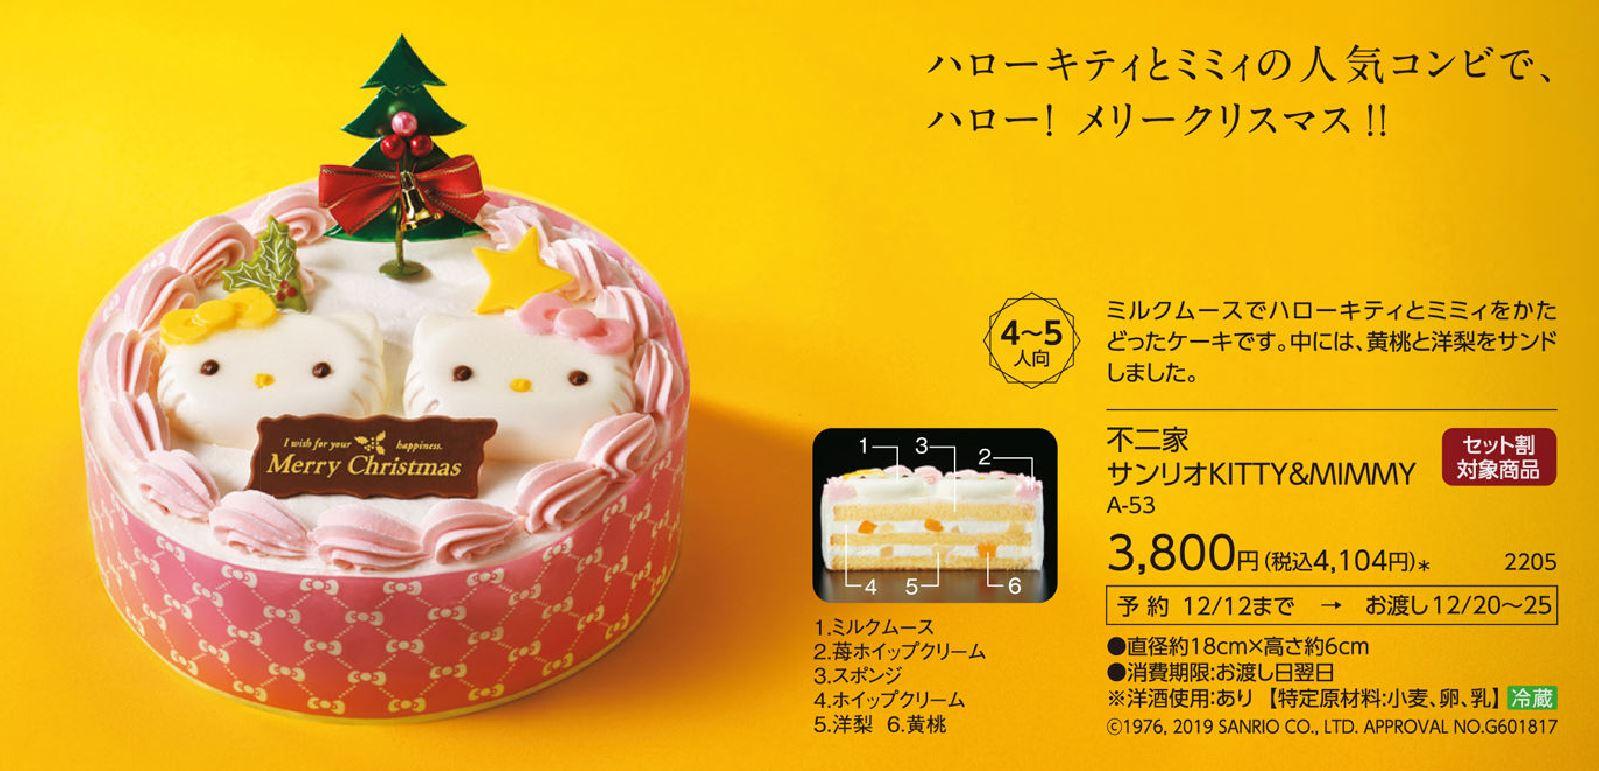 クリスマスケーキ_ハローキティちゃん_イトーヨーカドー